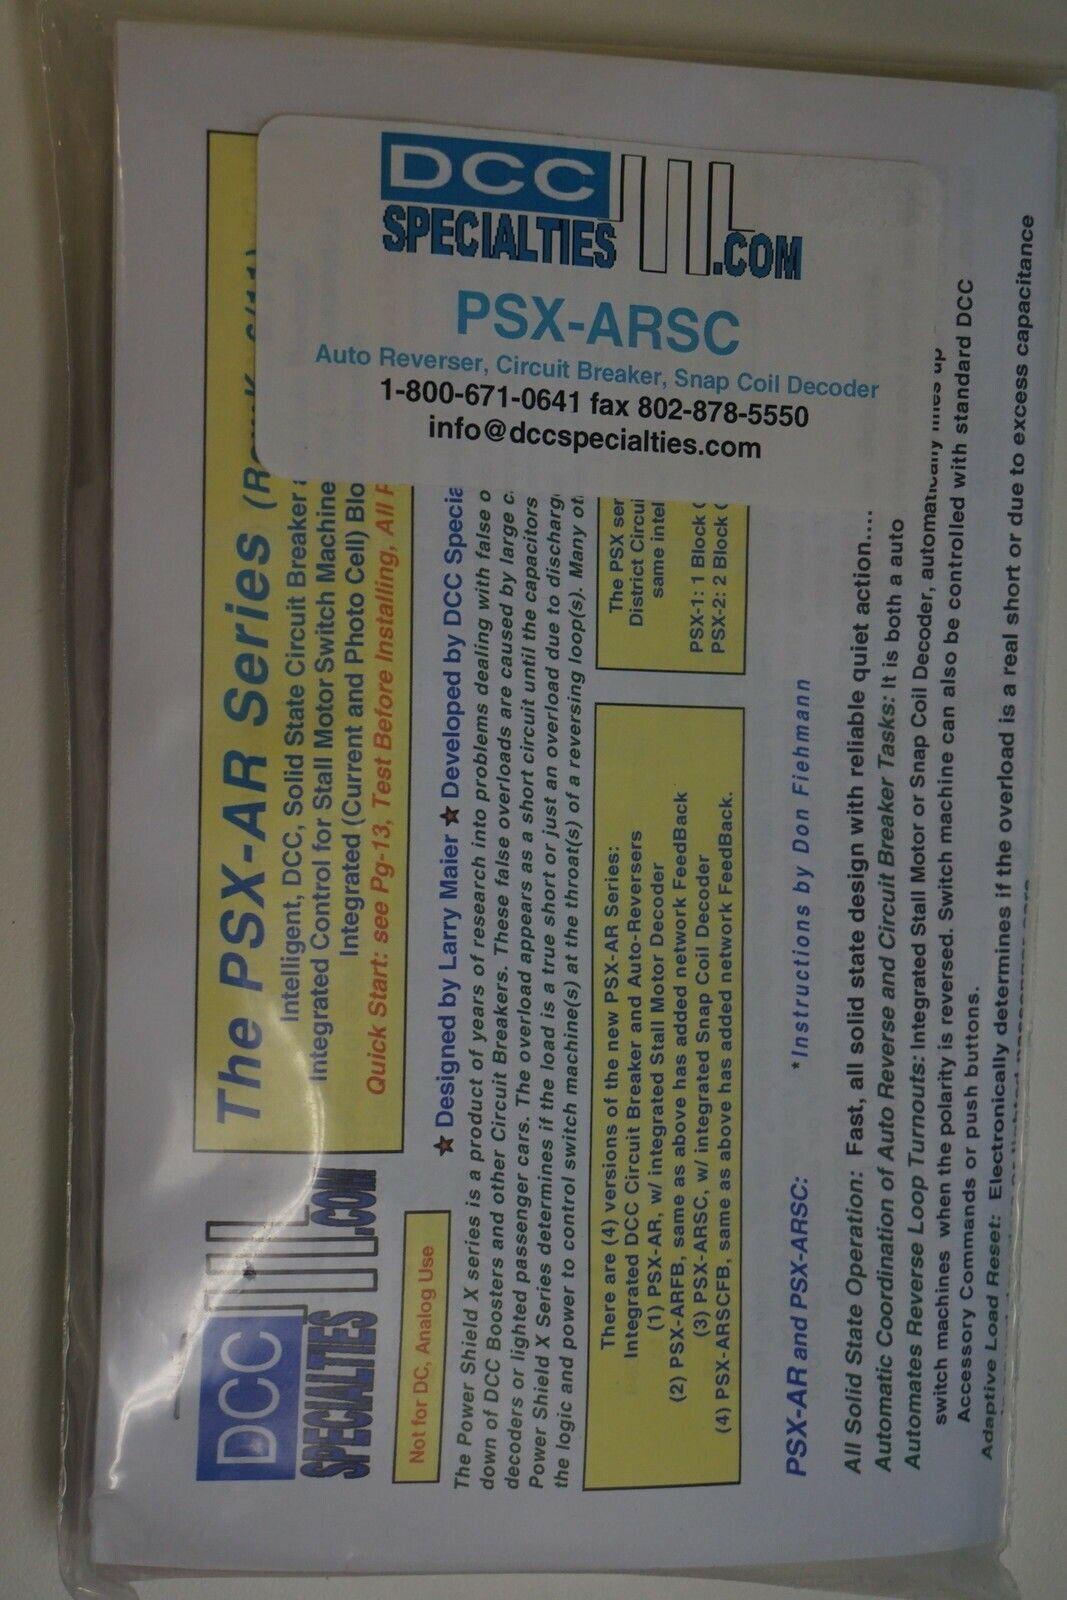 DCC Specialties - PSX-ARSC Auto Reverser Circuit Breaker Snap Coil Yankeedabbler